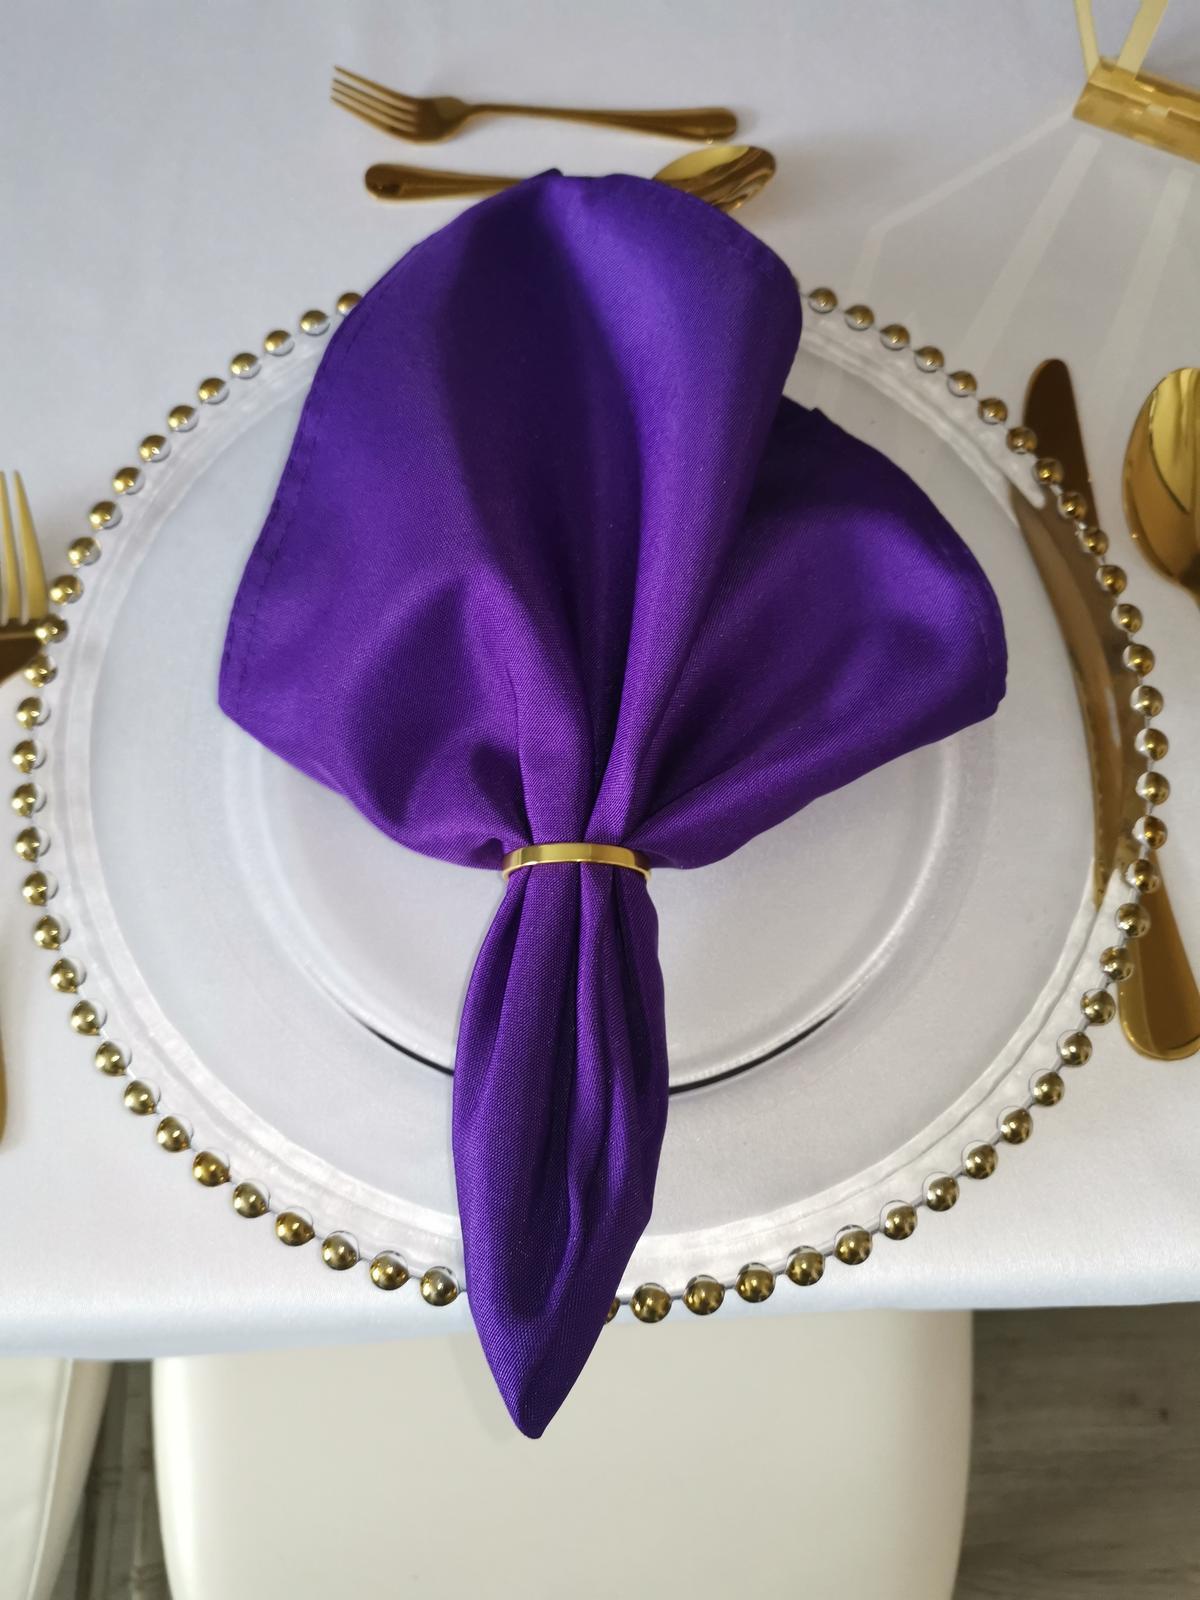 Zlatý príbor na prenájom a rôzne iné dekorácie :-) - Obrázok č. 5